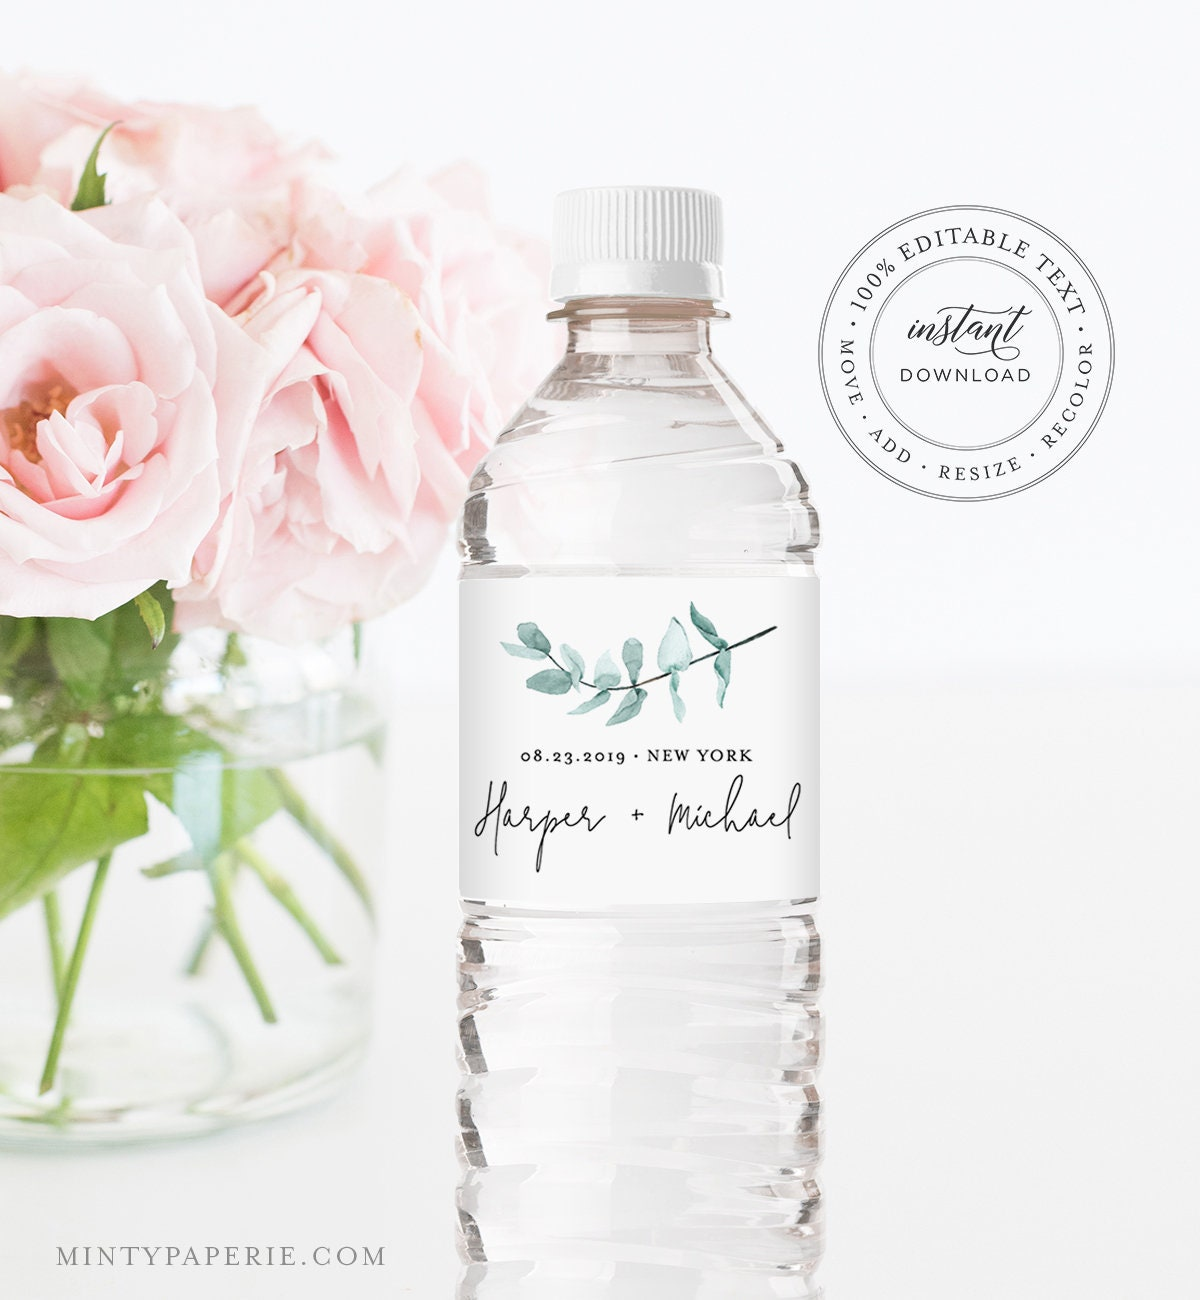 Water Bottle Label Template Instant Download Printable Custom Label 100 Editable Greenery Wedding Favor Bridal Shower Favor 049 109bl